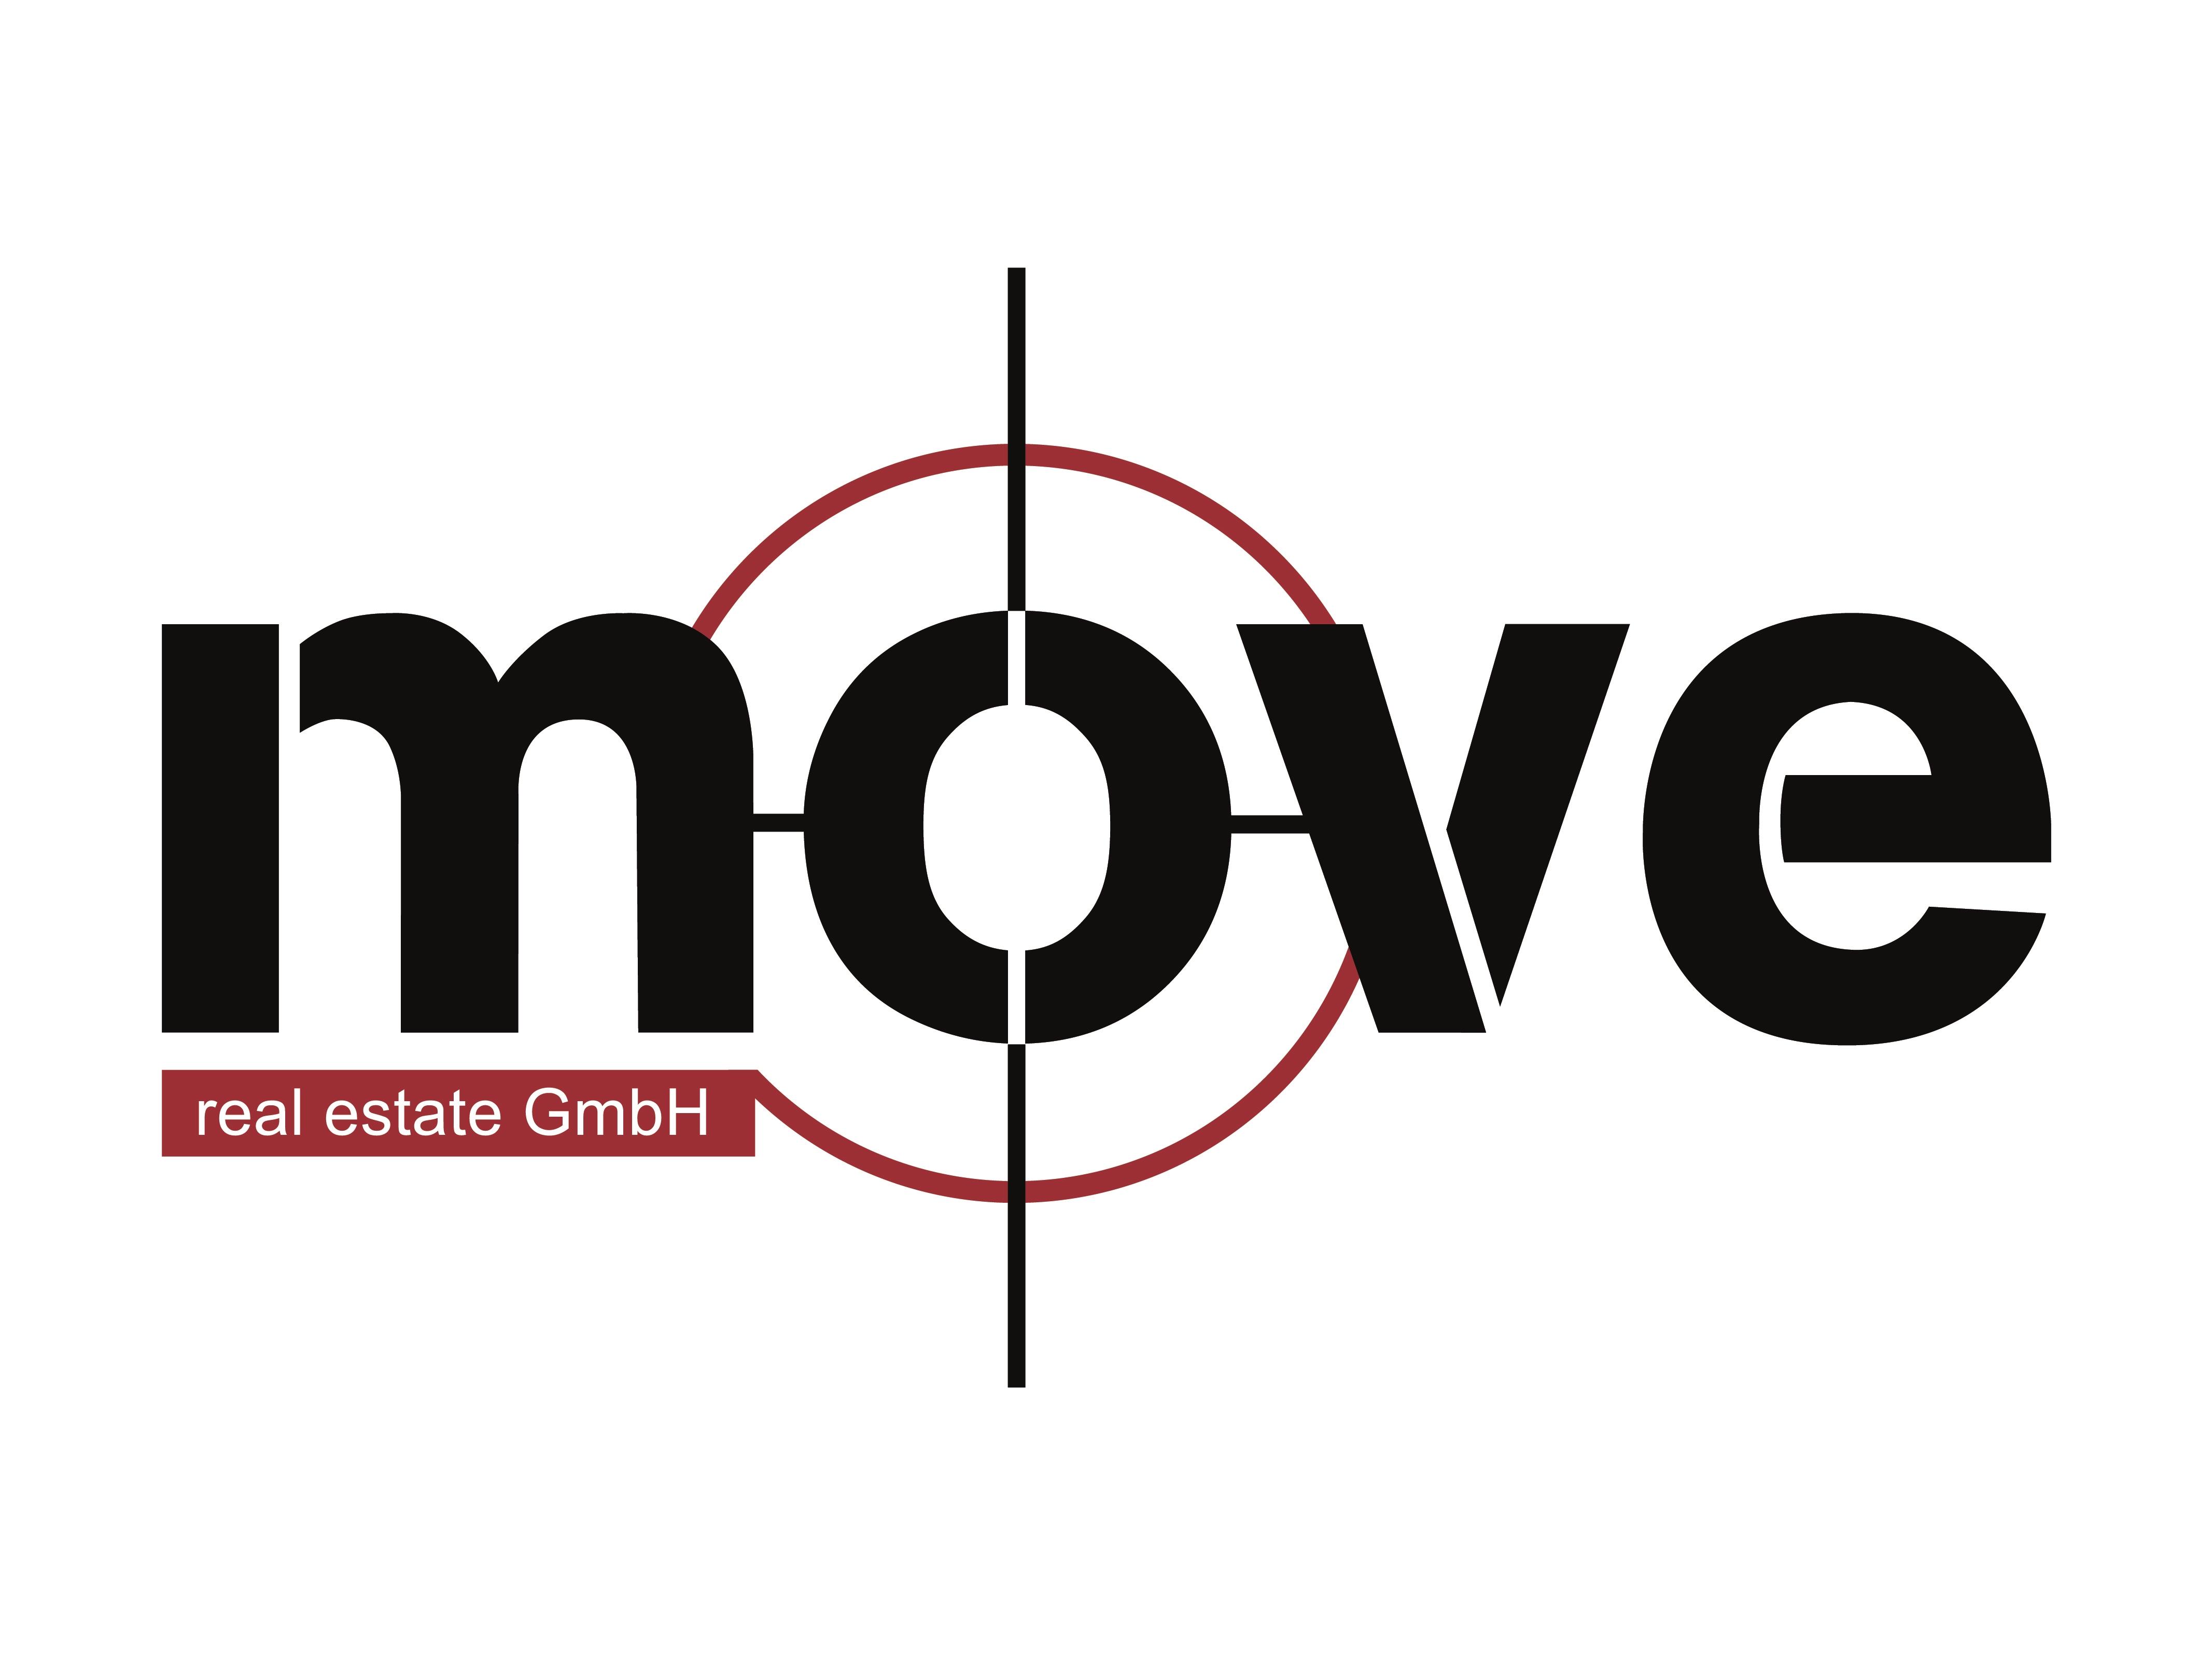 move real estate gmbh